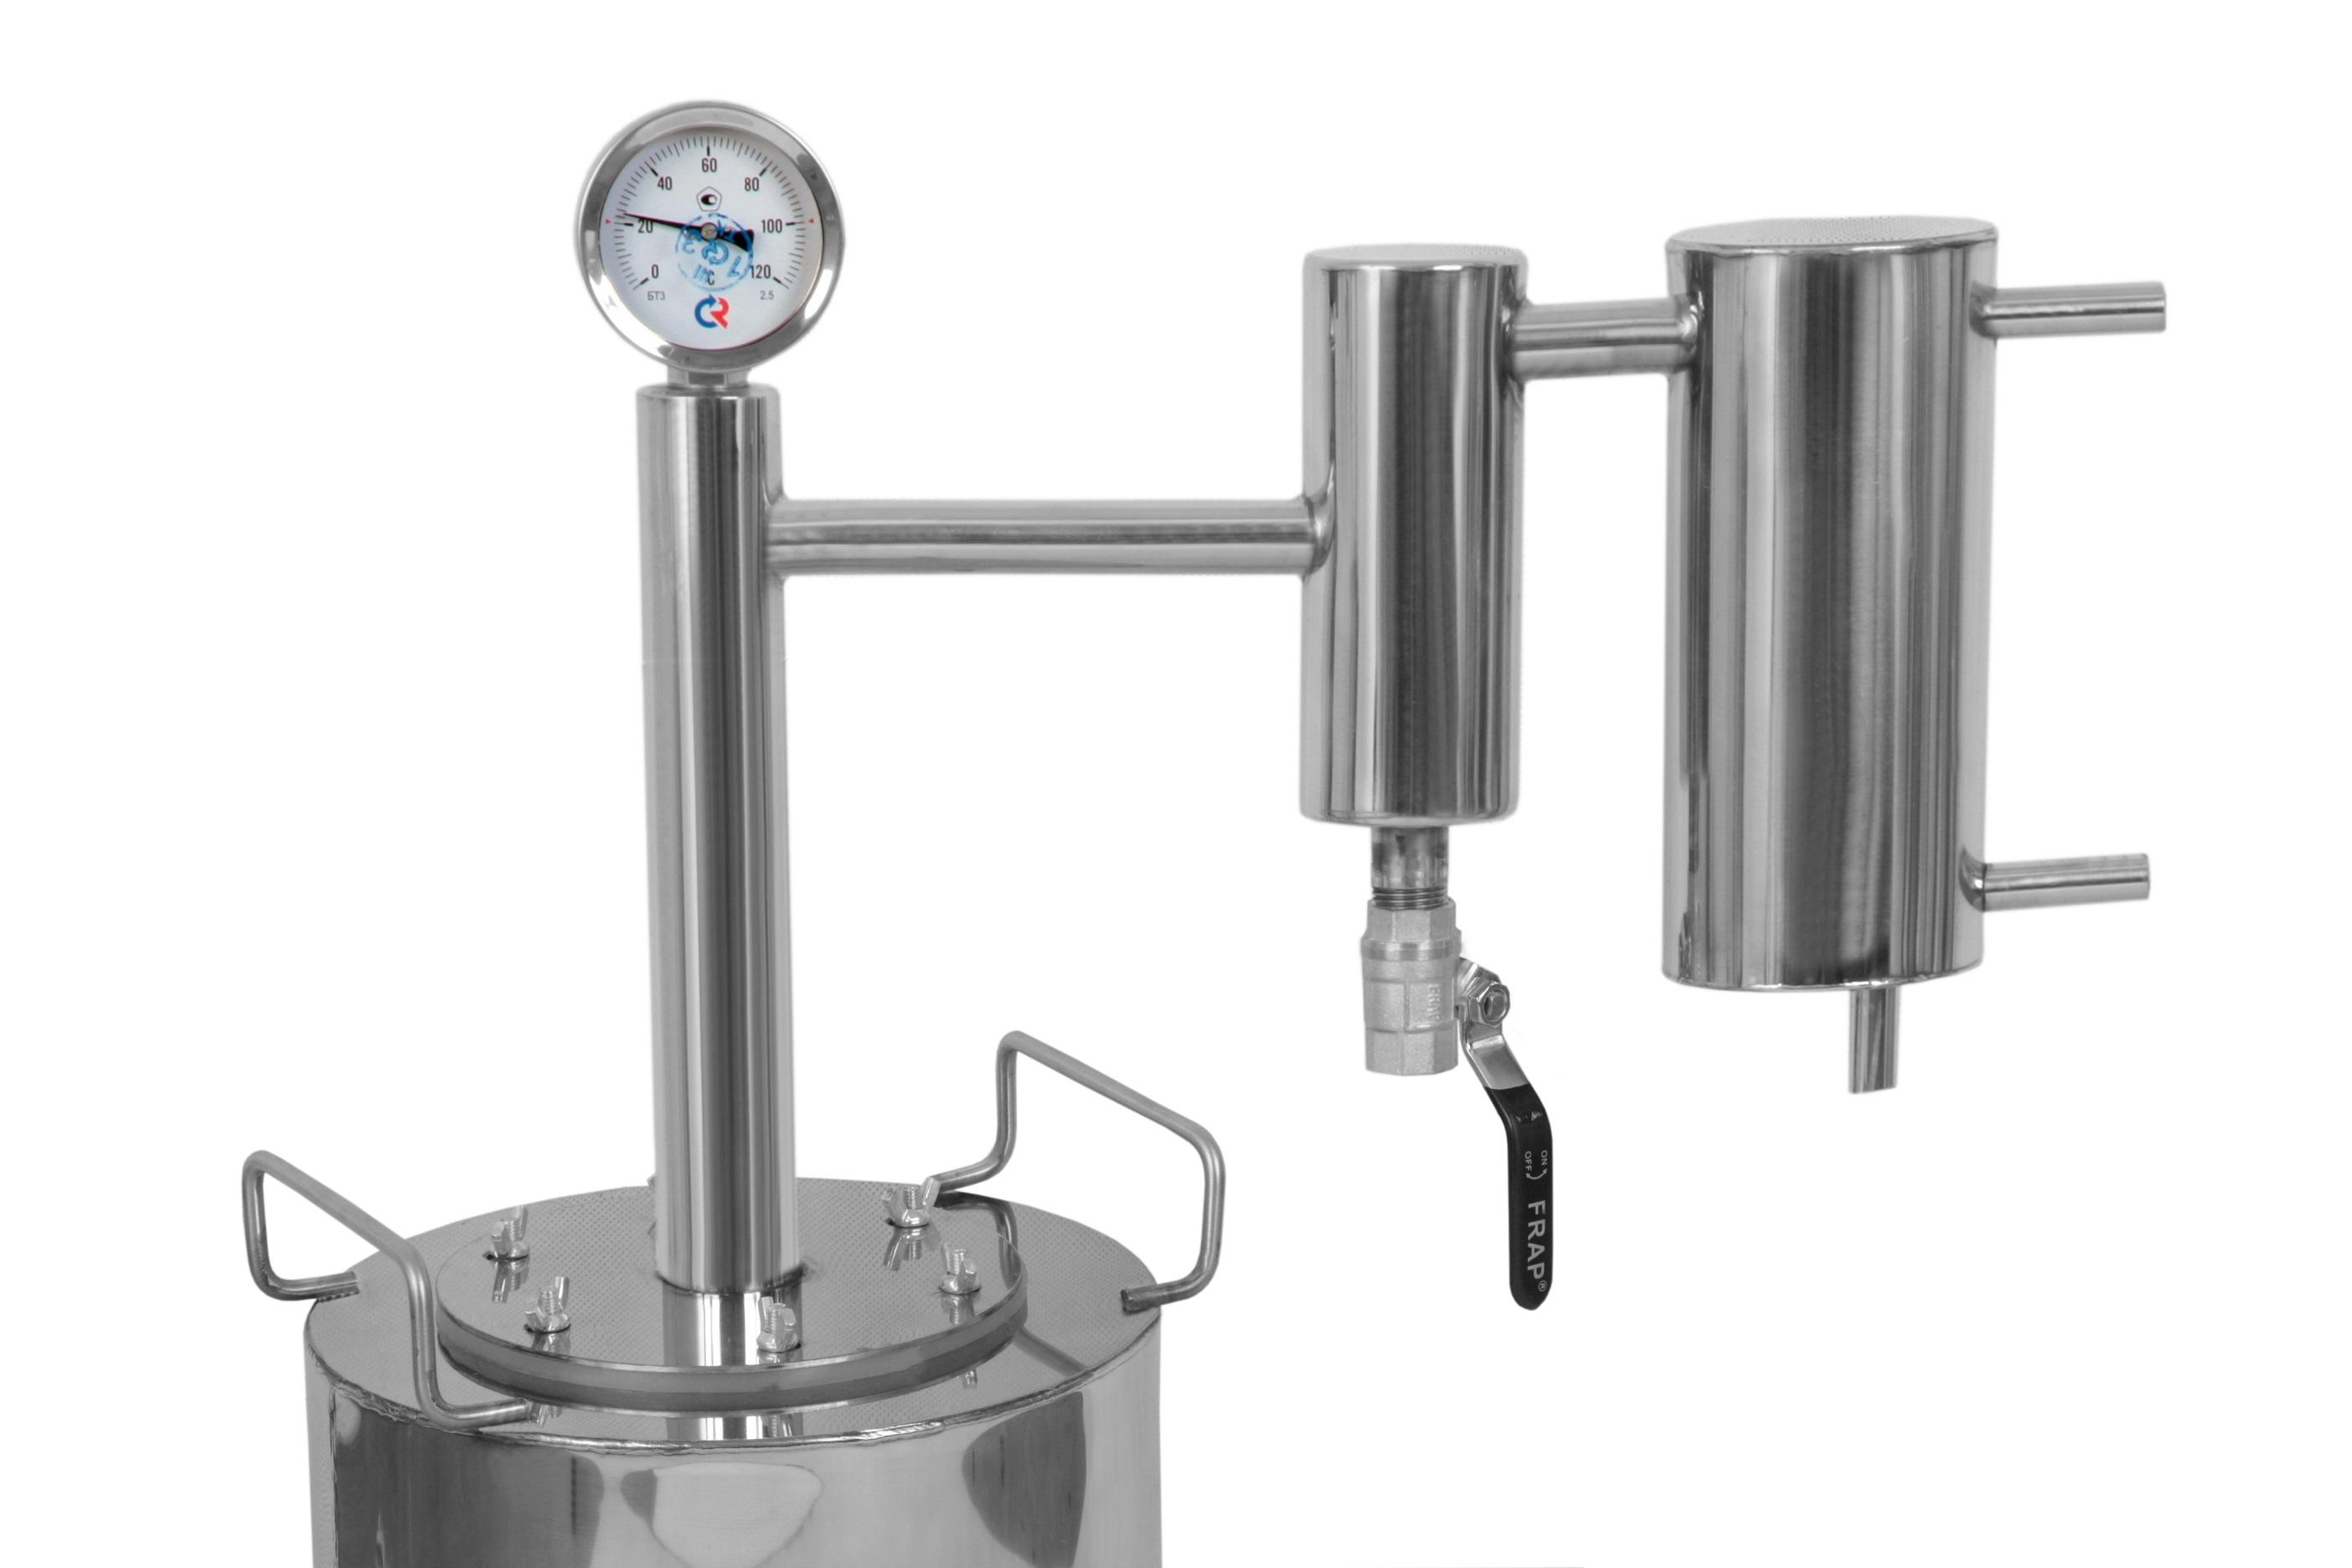 Купить самогонного аппарата отдельно отзывы на самогонный аппарат вагнер